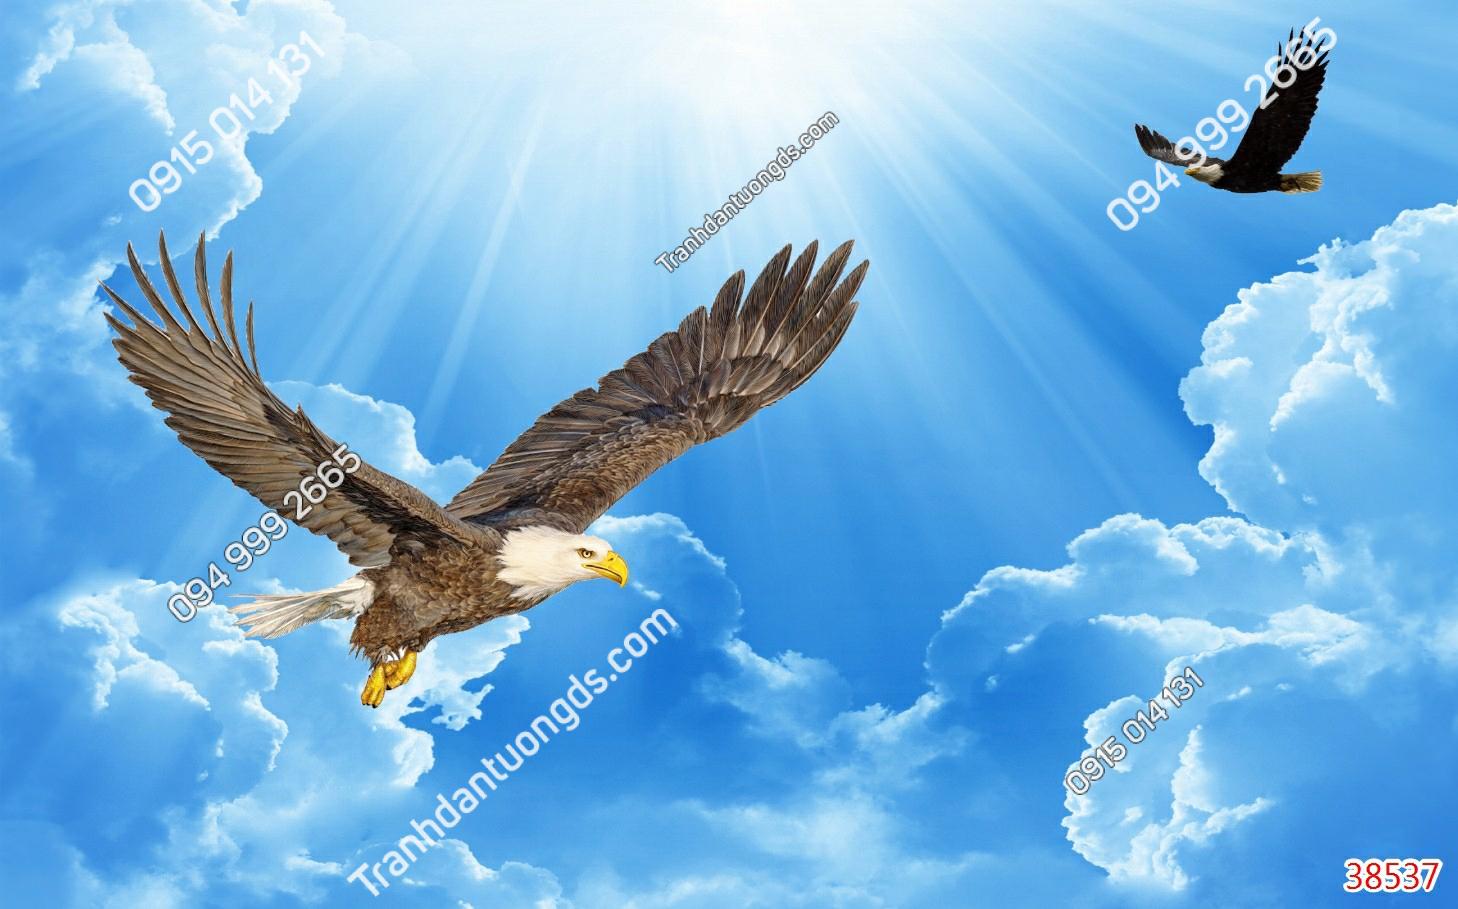 Tranh dán trần mây chim đại bàng 38537